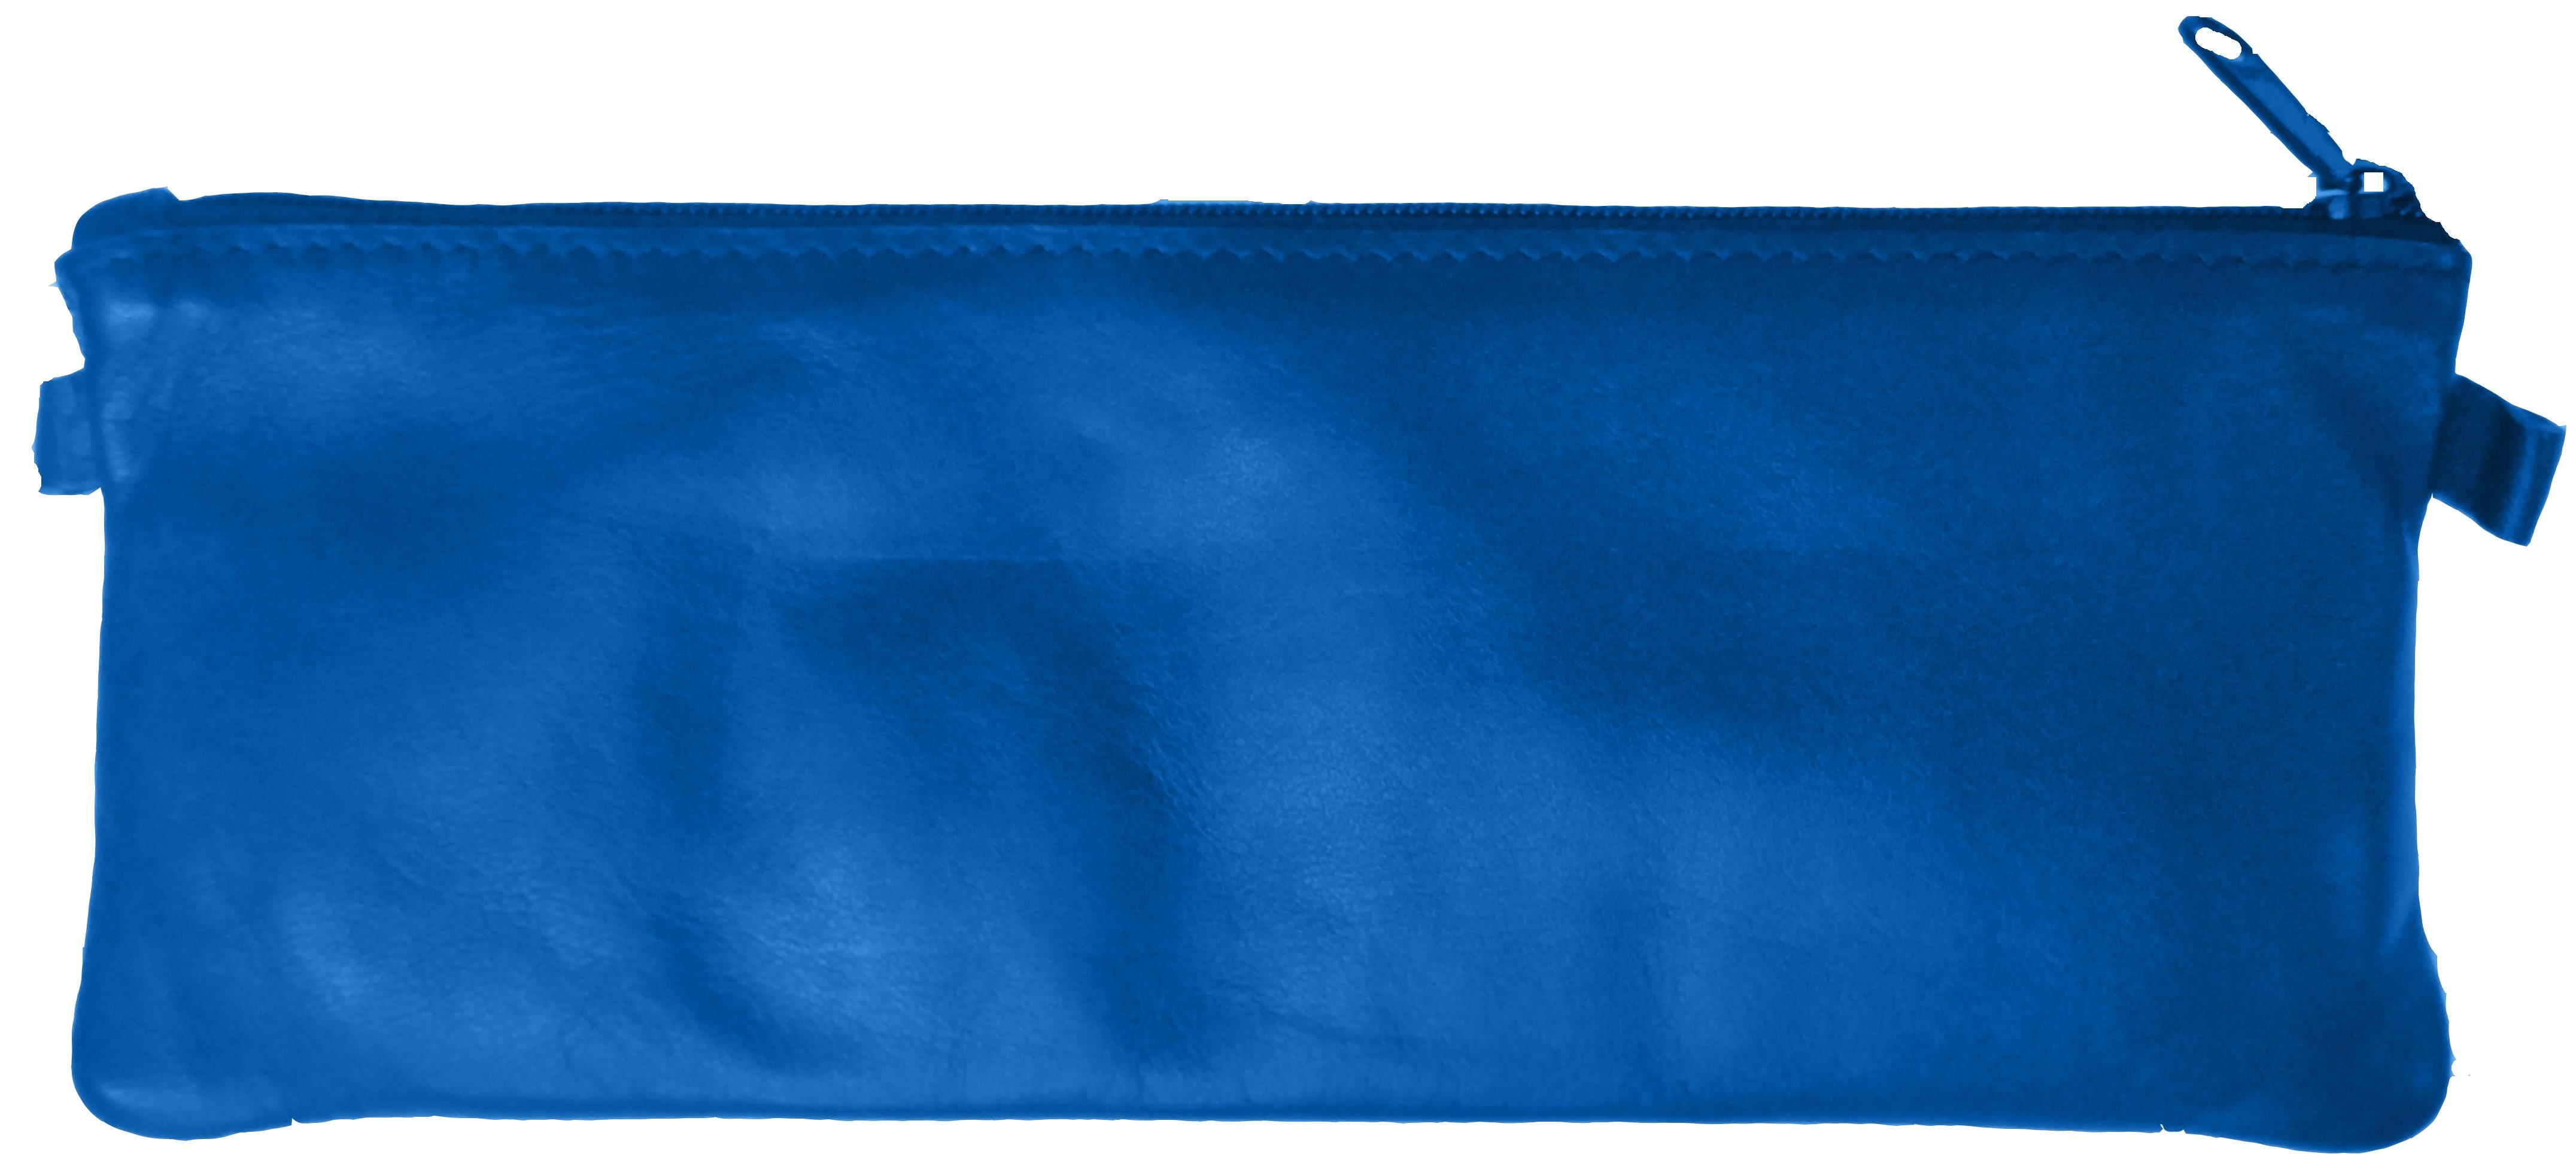 Trousse Merinos GM plate - 1 compartiment - cuir de mouton - disponible dans différentes couleurs - Quo Vadis